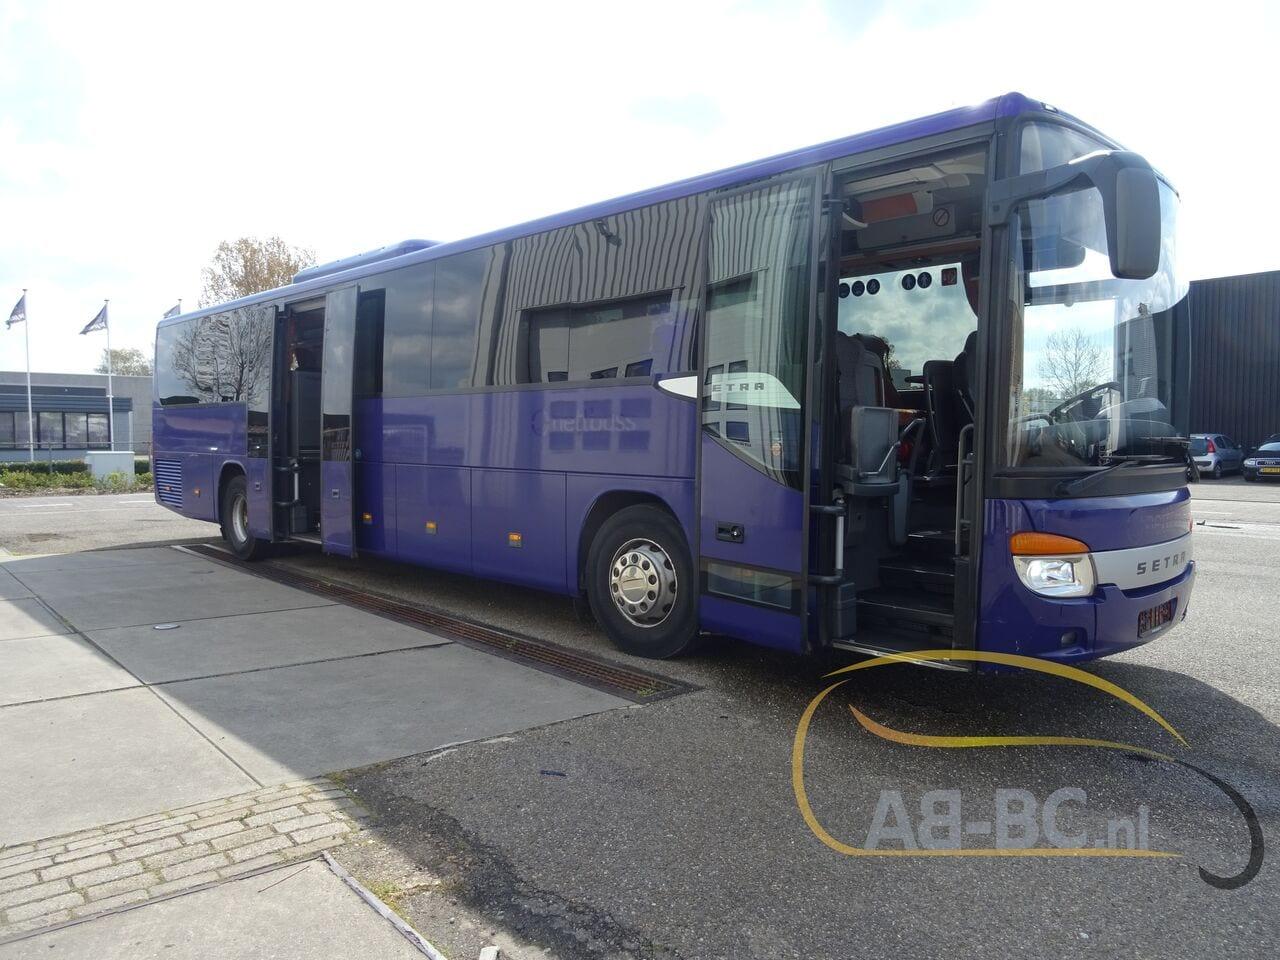 coach-busSETRA-S416H-48-SEATS-LIFTBUS---1620309619094701543_big_f9ef83092e5897f37b361325edcfe75d--21050616581387095000